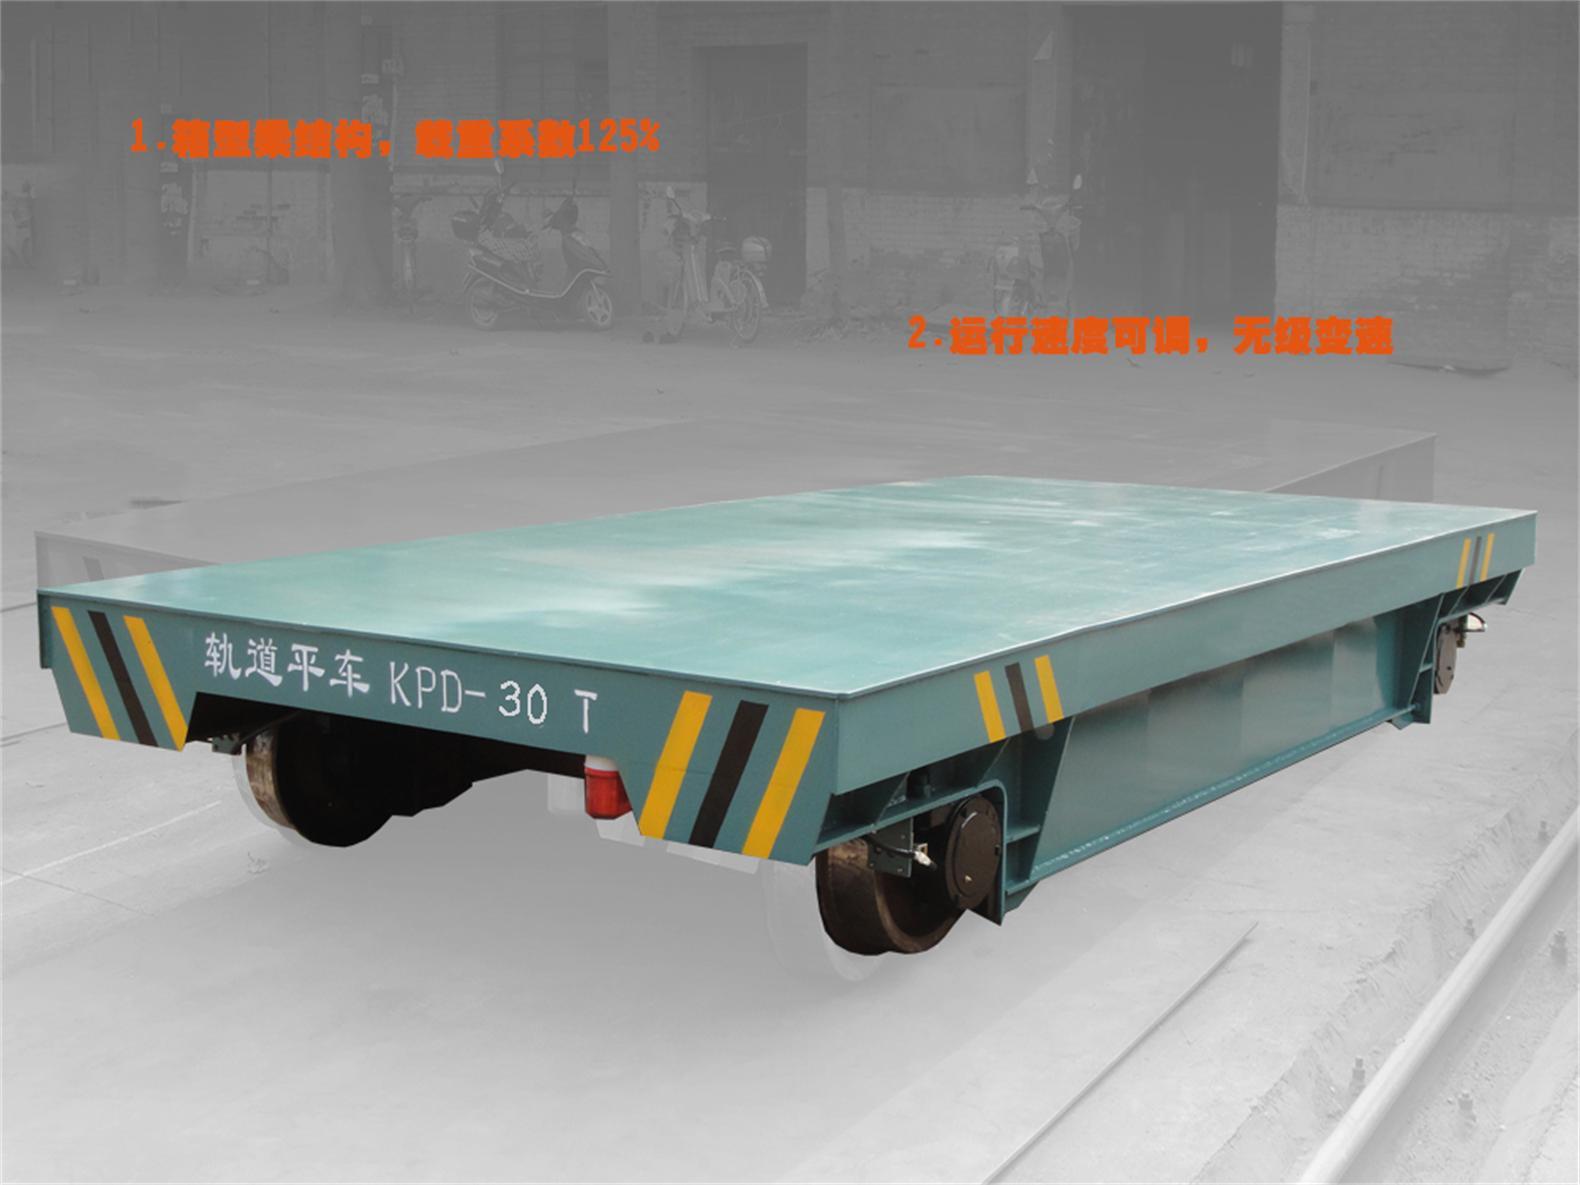 新利德造龙门吊配套低台面低压轨道搬运车